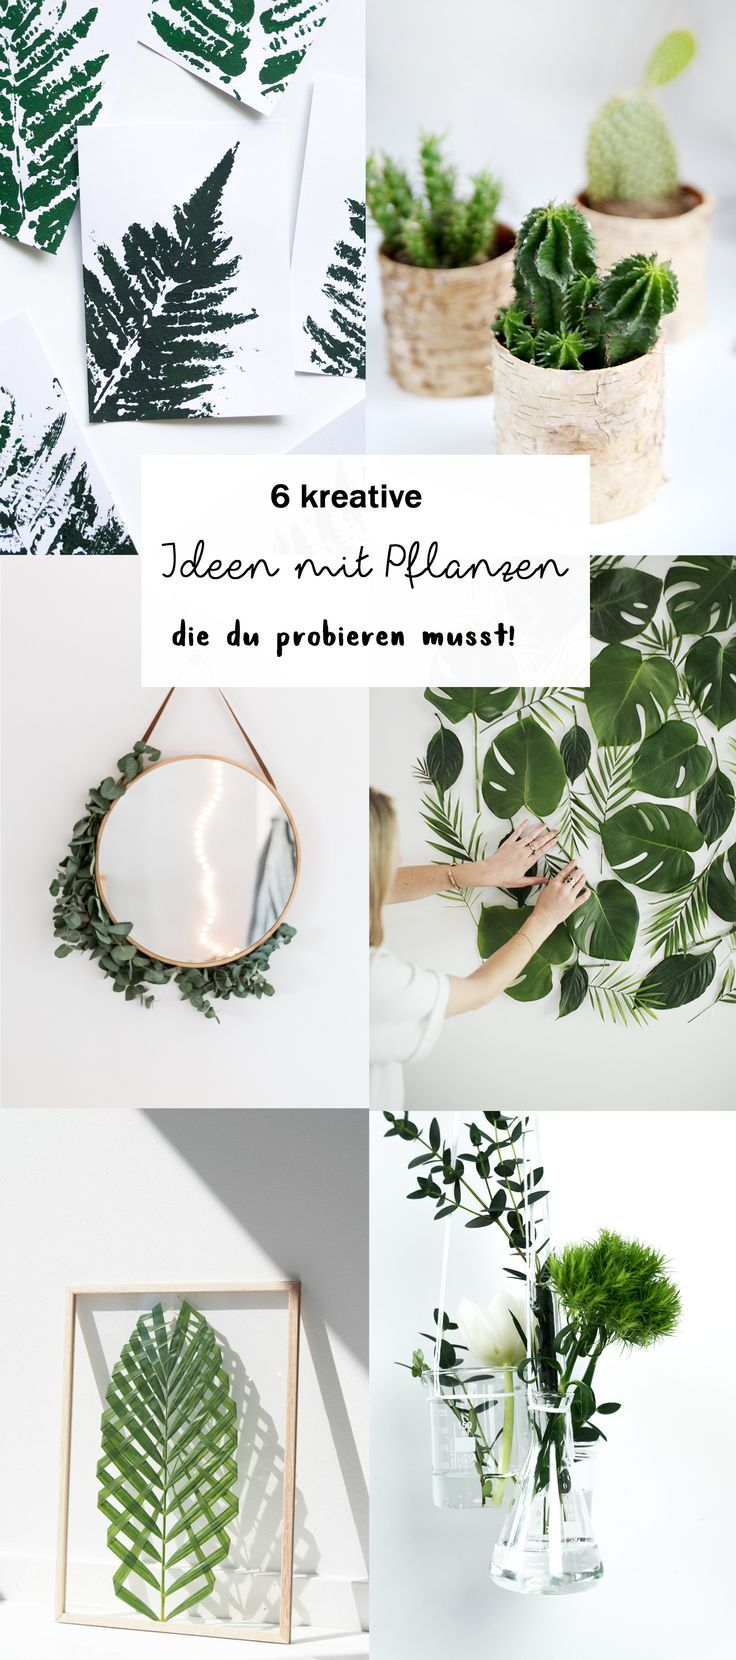 schereleimpapier: Auf meinem Blog findet ihr tolle kreativen DIY Ideen für selbstgemachte Deko mit Pflanzen! Die Projekte lassen sich ganz einfach nachbasteln und zu jeder Idee findet ihr auch ein Tutorial. Auf meinem Blog findet ihr die Links zu den Anleitungen!  Geschenke | Dekoration | Möbel | Garten | Sukkulenten | Vasen | Karten | Kupfer | Wanddeko | Wandgestaltung | Blätter | Urban Jungle Bloggers | Do it yourself | selbstgemacht | handmade | Kunst | Papier | Holz | Blumen |